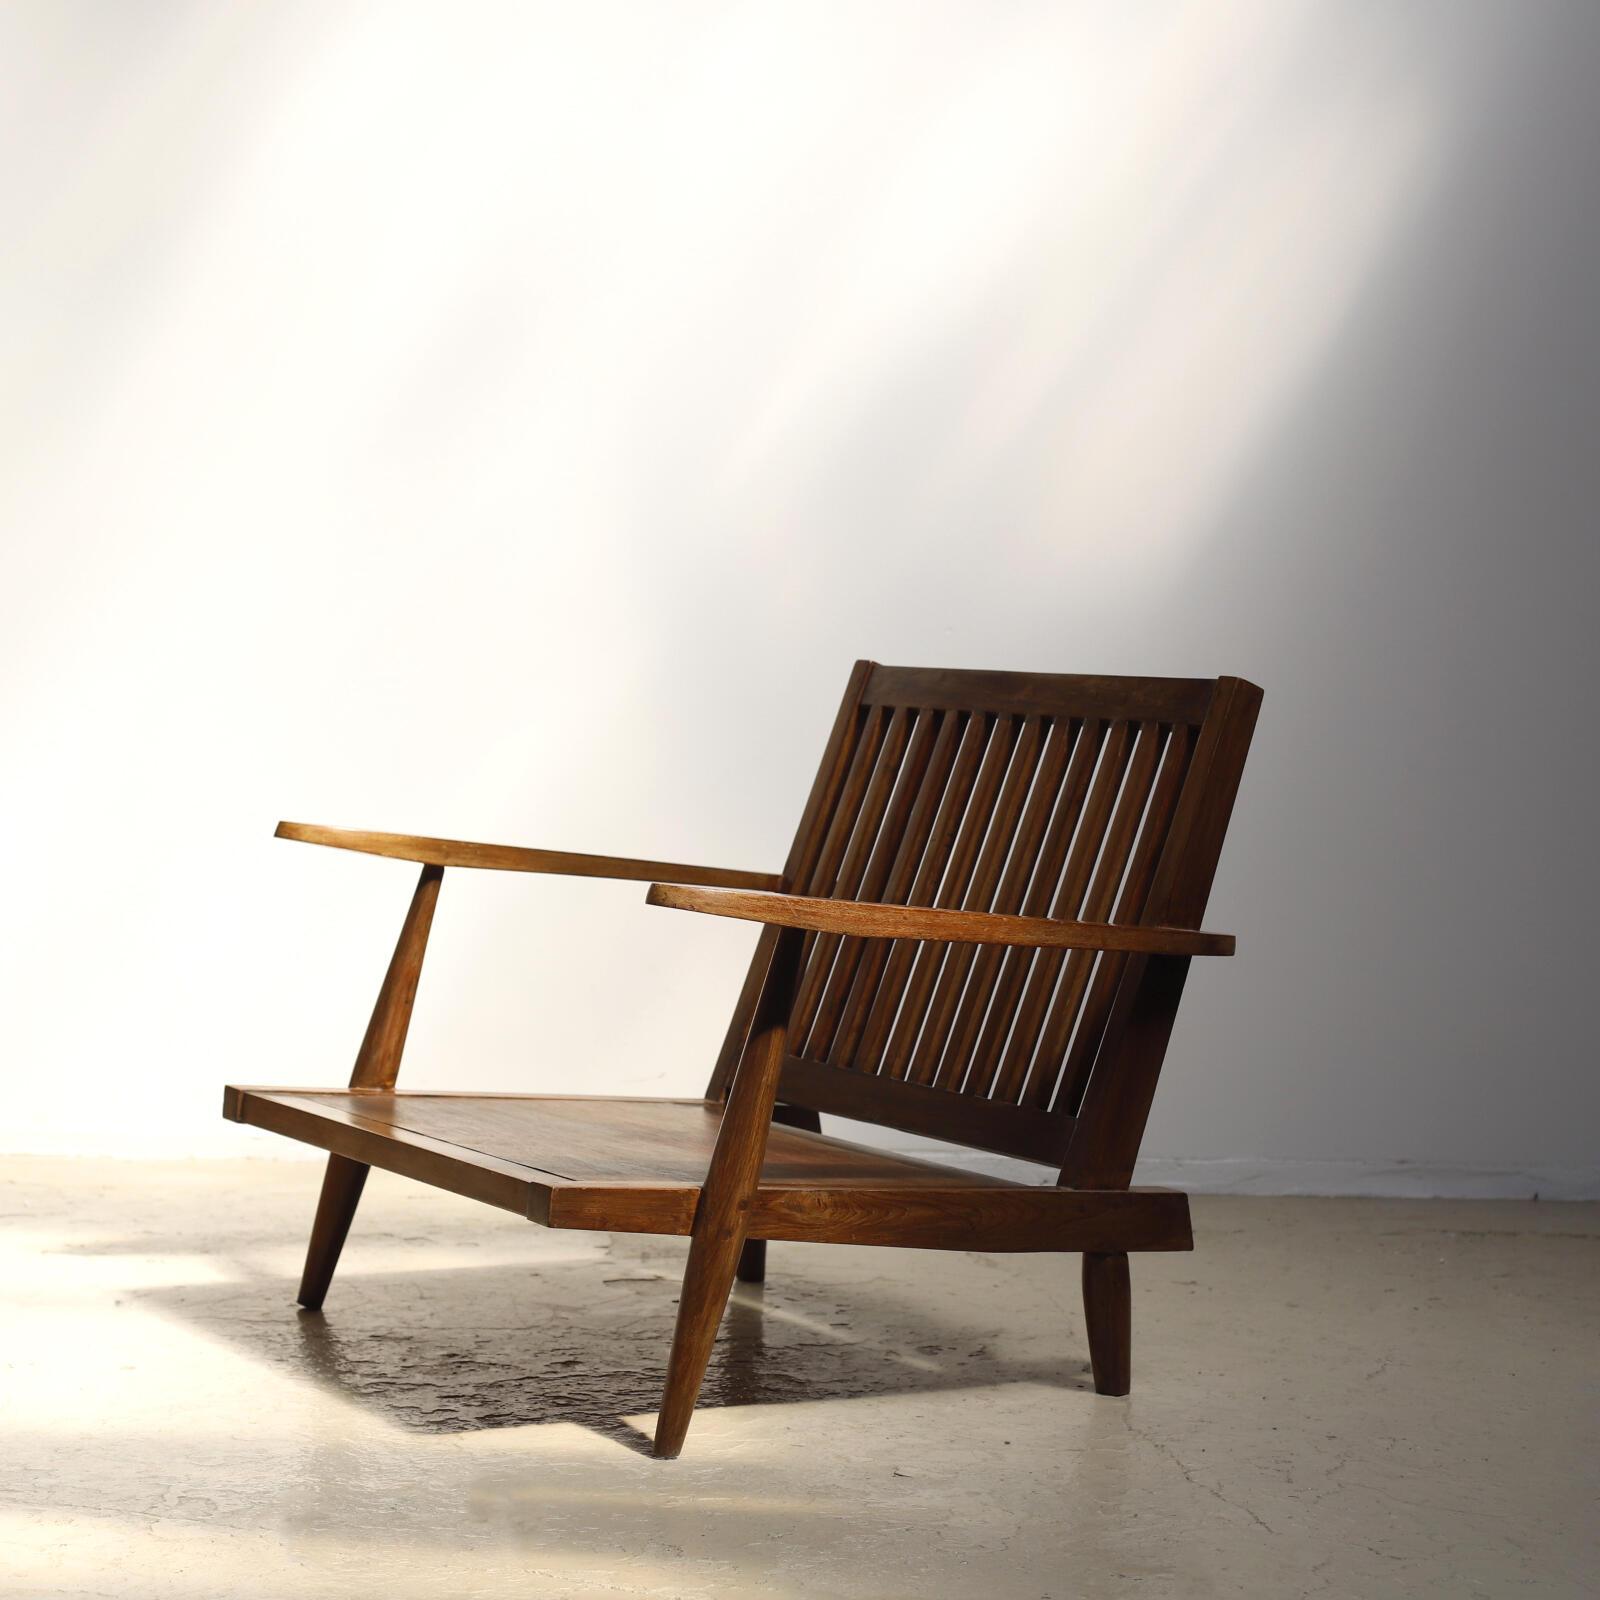 ジョージ・ナカシマ 椅子 ヴィンテージ